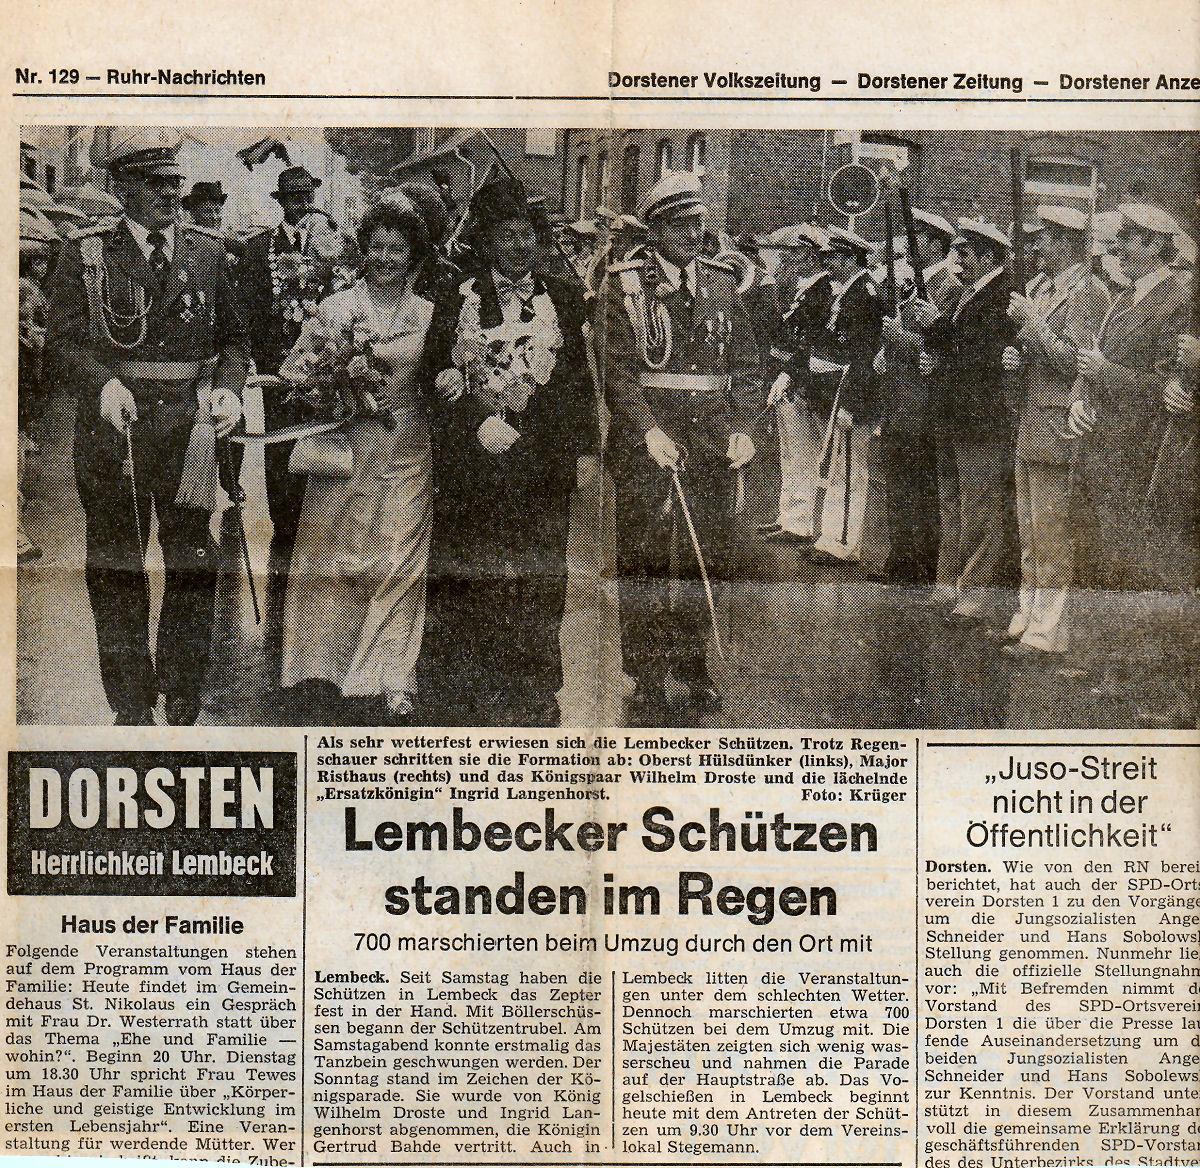 Dorstener Zeitung 06.06.1977